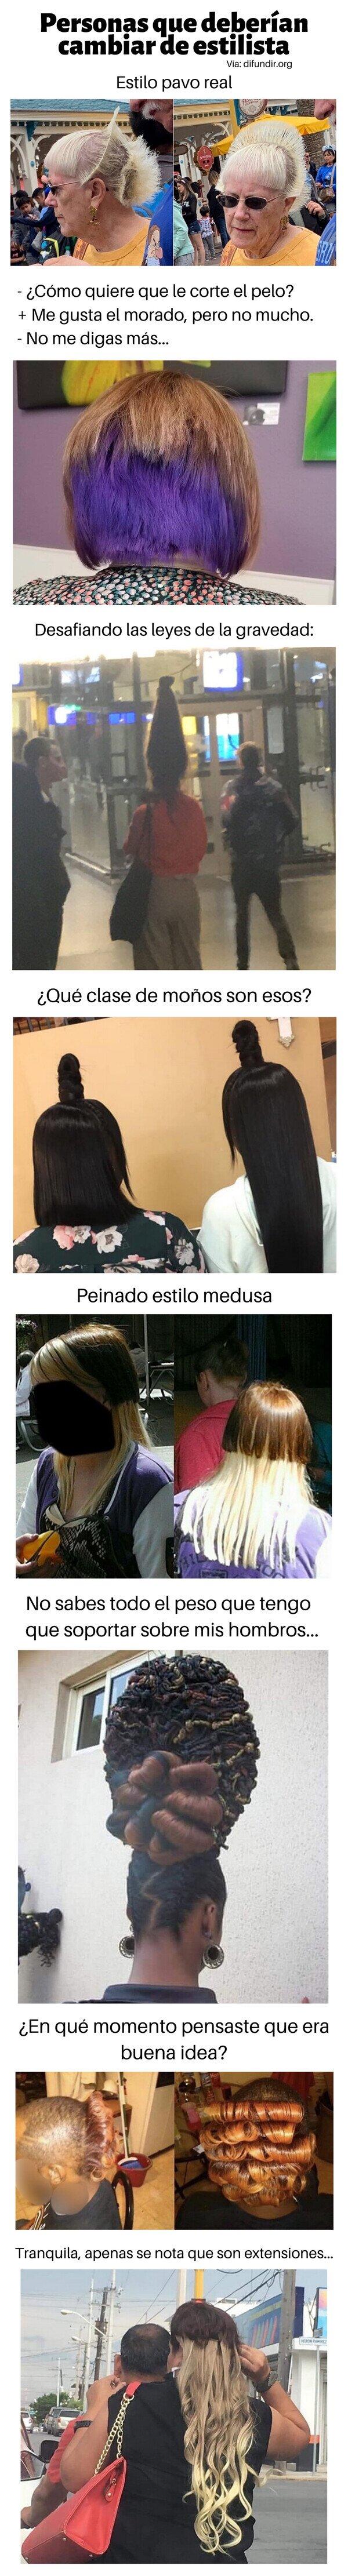 Meme_otros - Personas que deberían cambiar de estilista